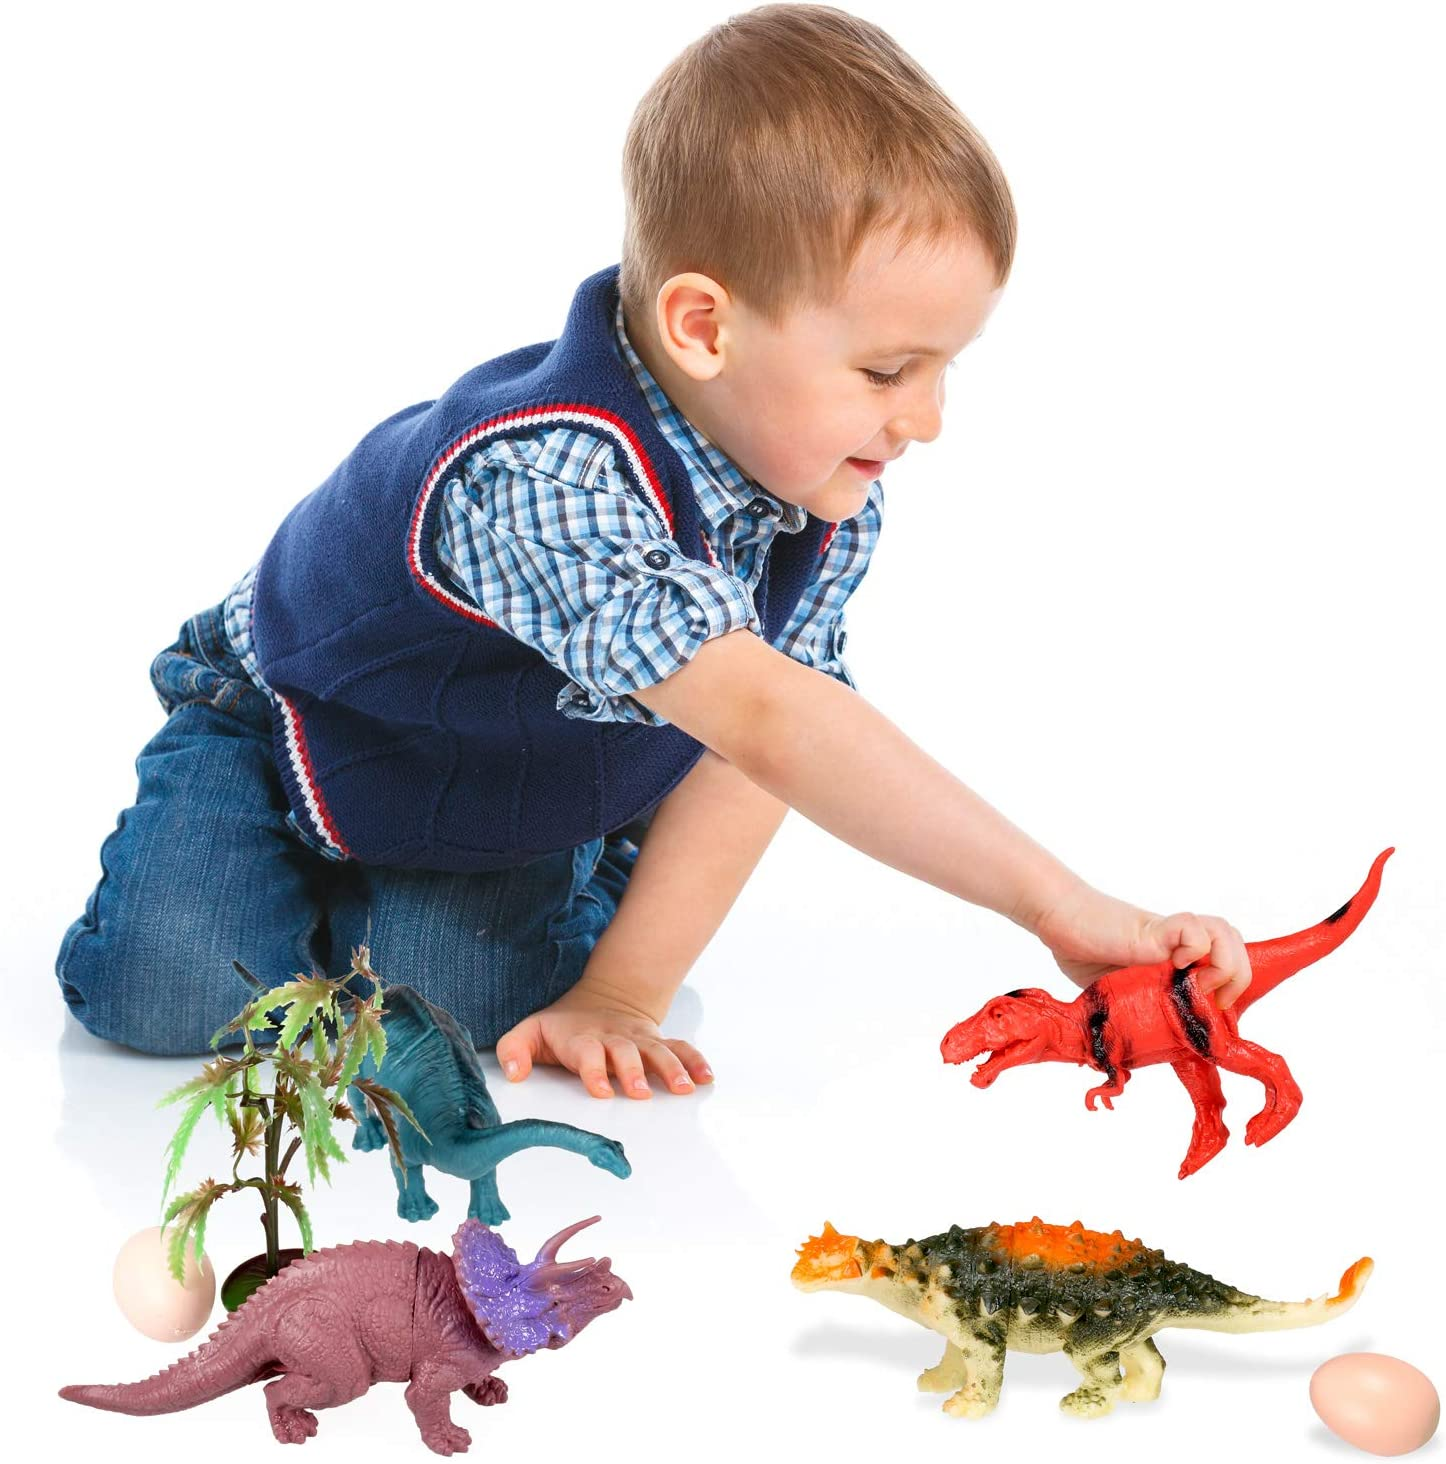 Yosemy Dinosaurios de Juguete Figura de Dinosaurio Pl/ástico para Ni/ños DE 3-6 A/ños,Dinosaurio Jur/ásico Mundo Dinosaurio de Construcci/ón de Juguete 15 Piezas de Juguete de Mini Dinosaurio